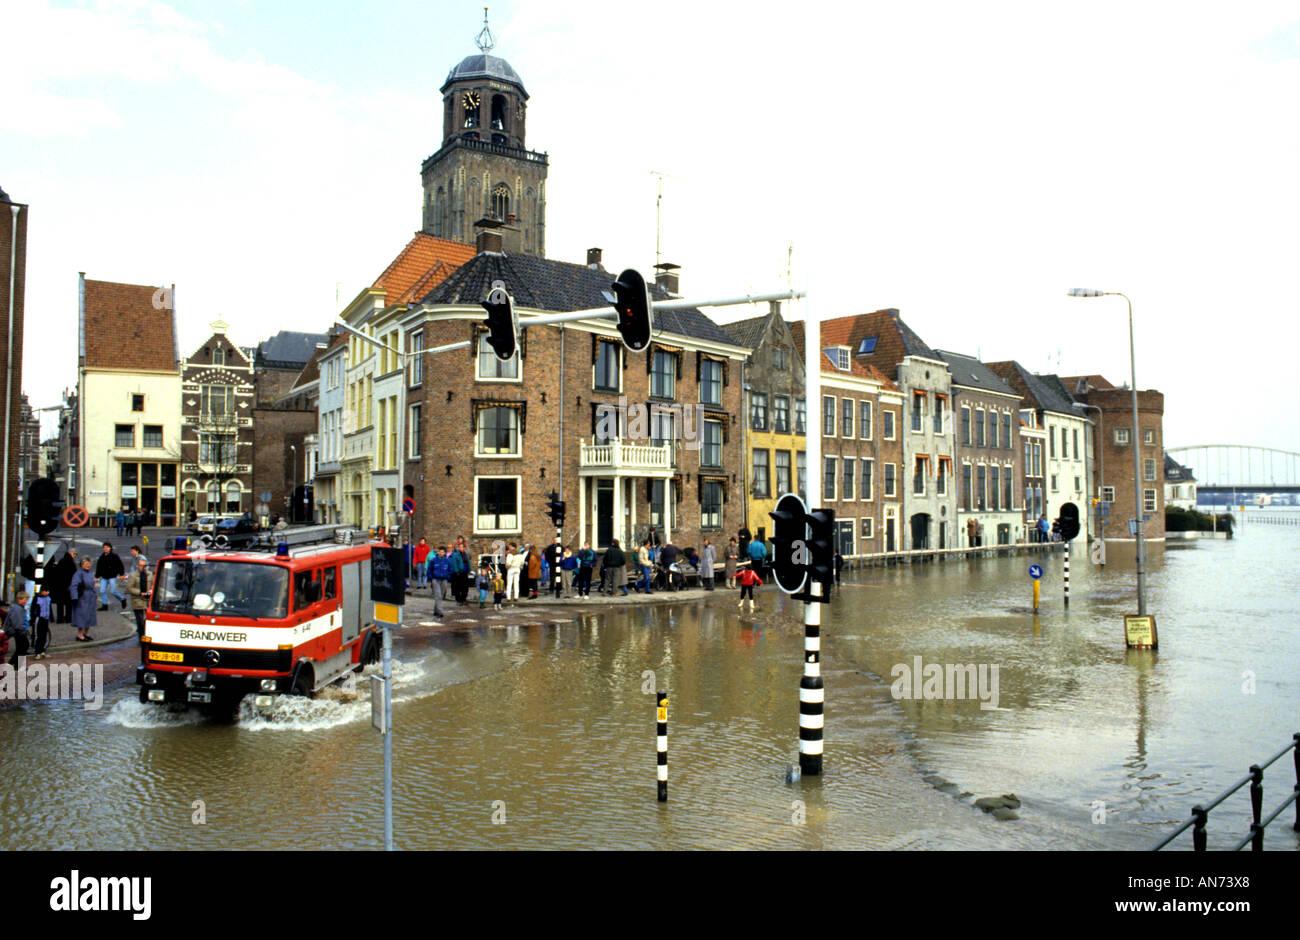 online wit pijpbeurt in de buurt Deventer